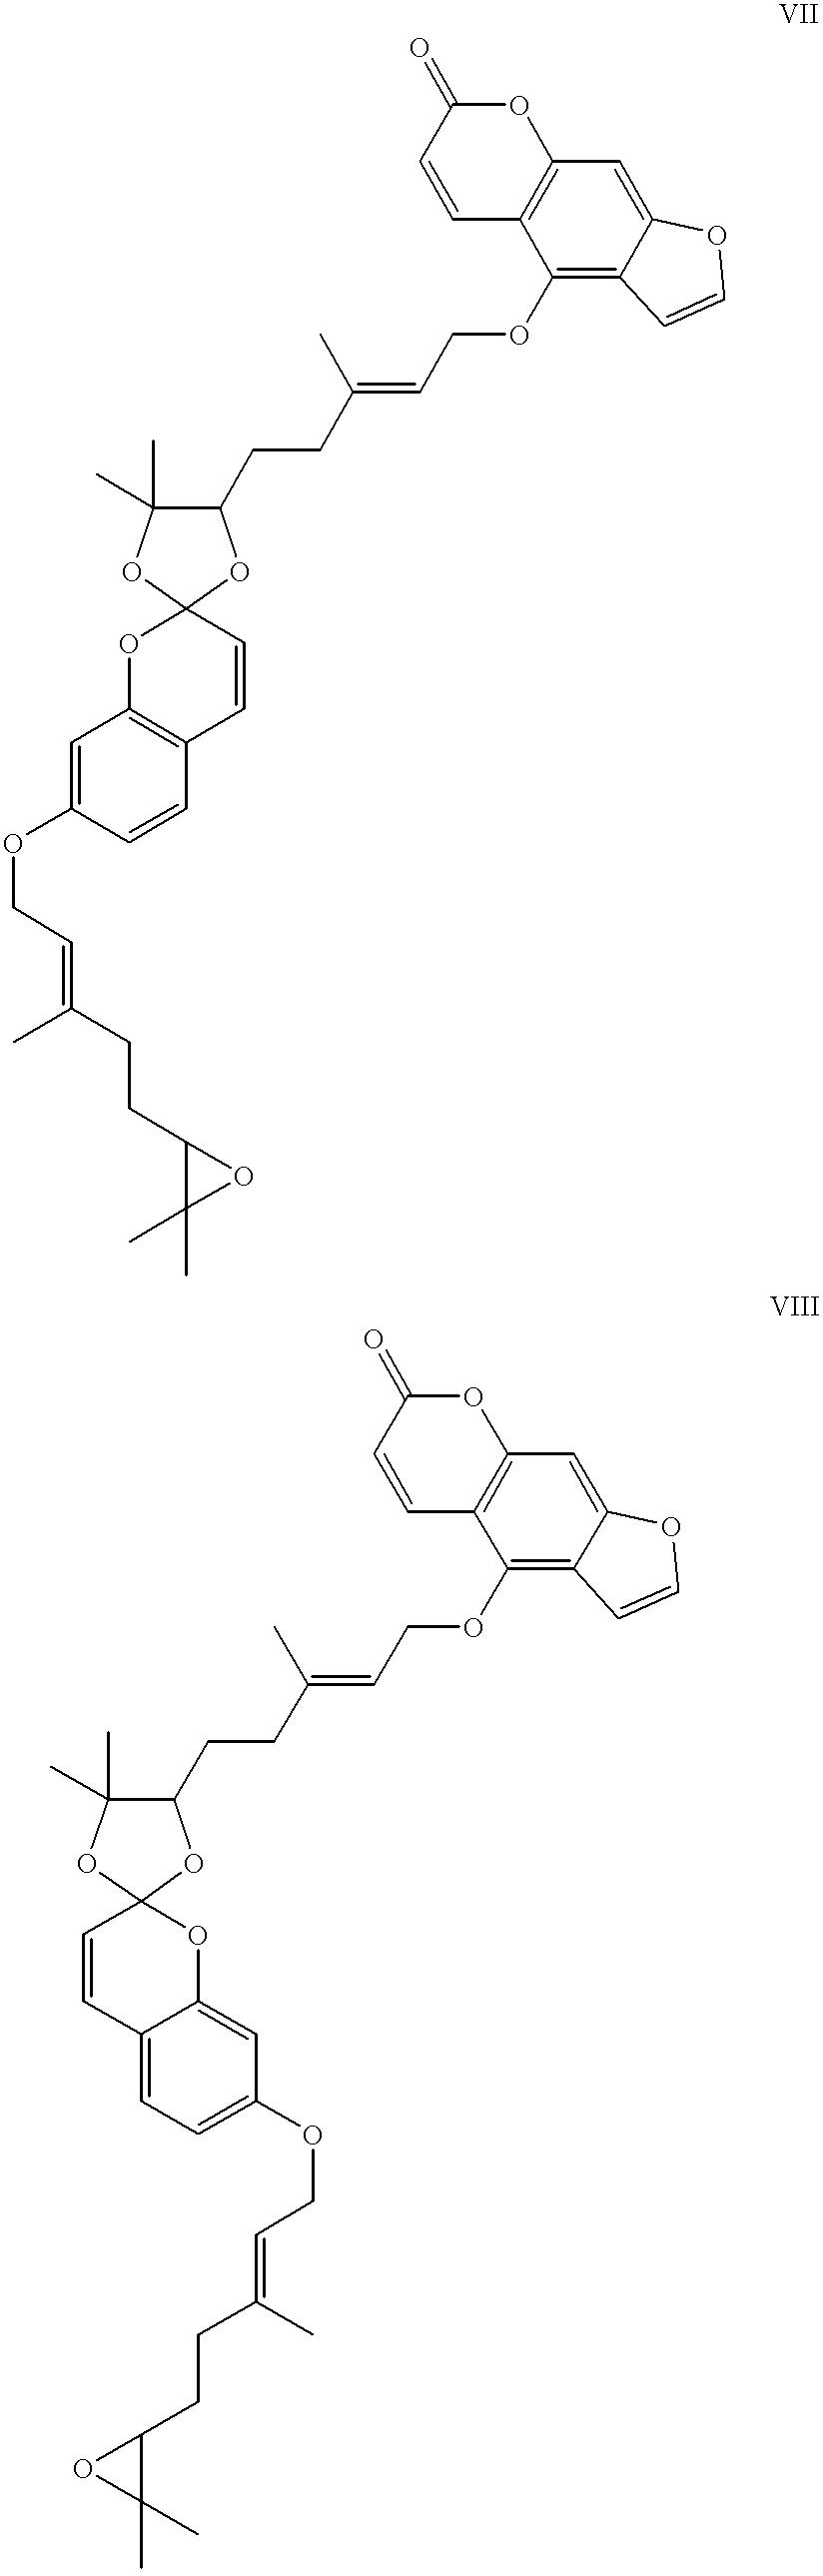 Figure US06248776-20010619-C00003